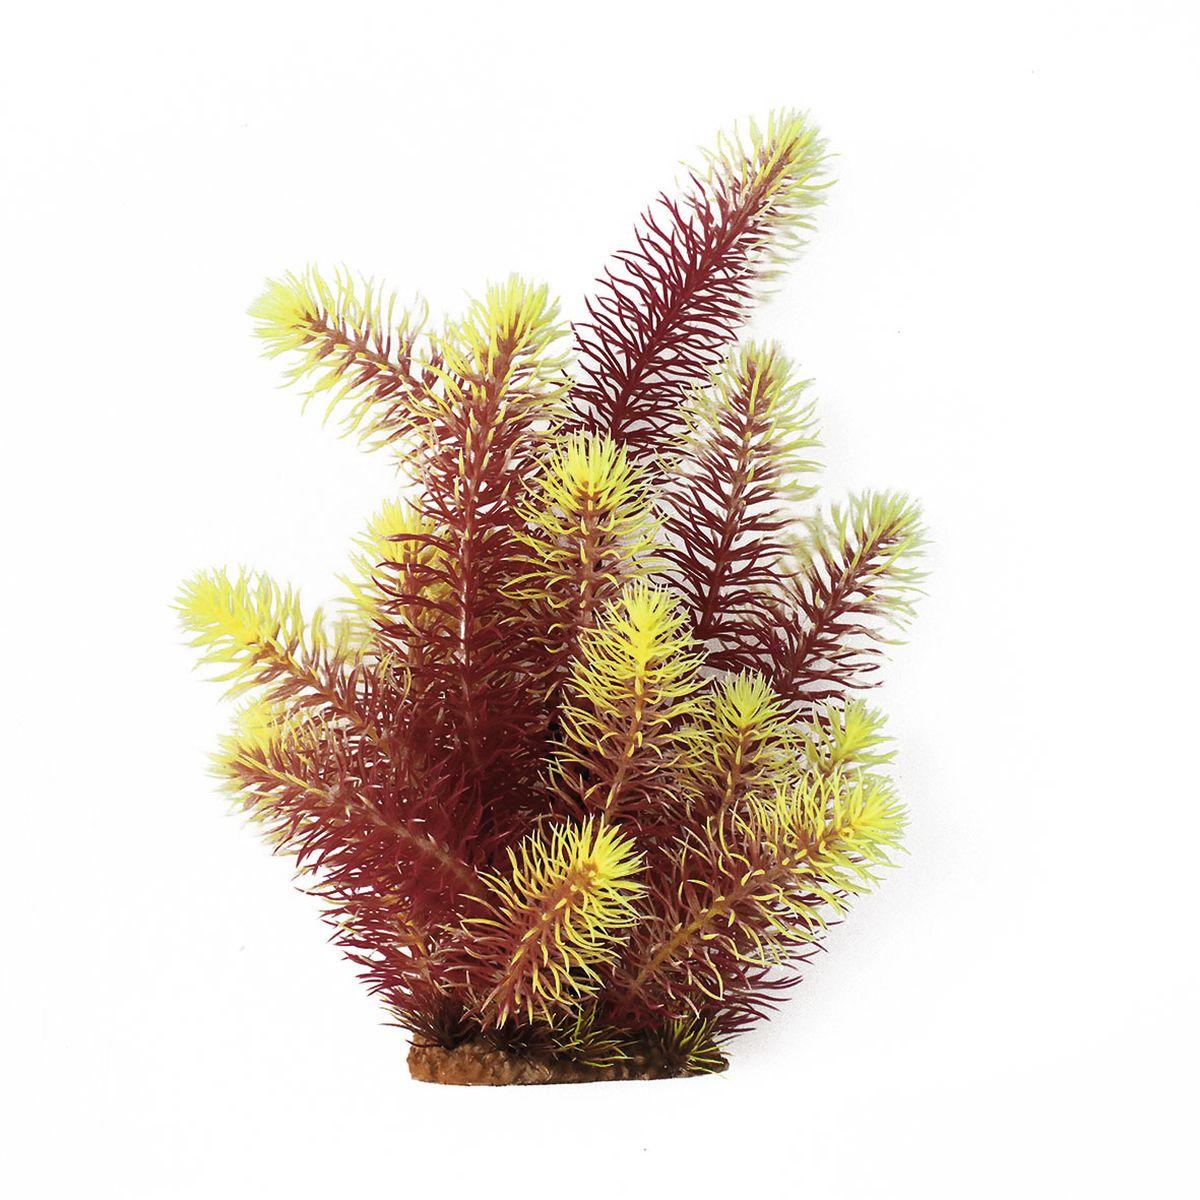 Растение для аквариума ArtUniq Погостемон эректус красно-желтый, высота 30 см12171996Композиция из искусственных растений ArtUniq превосходно украсит и оживит аквариум.Растения - это важная часть любой композиции, они помогут вдохнуть жизнь в ландшафт любого аквариума или террариума. А их сходствос природными порадует даже самых взыскательных ценителей.